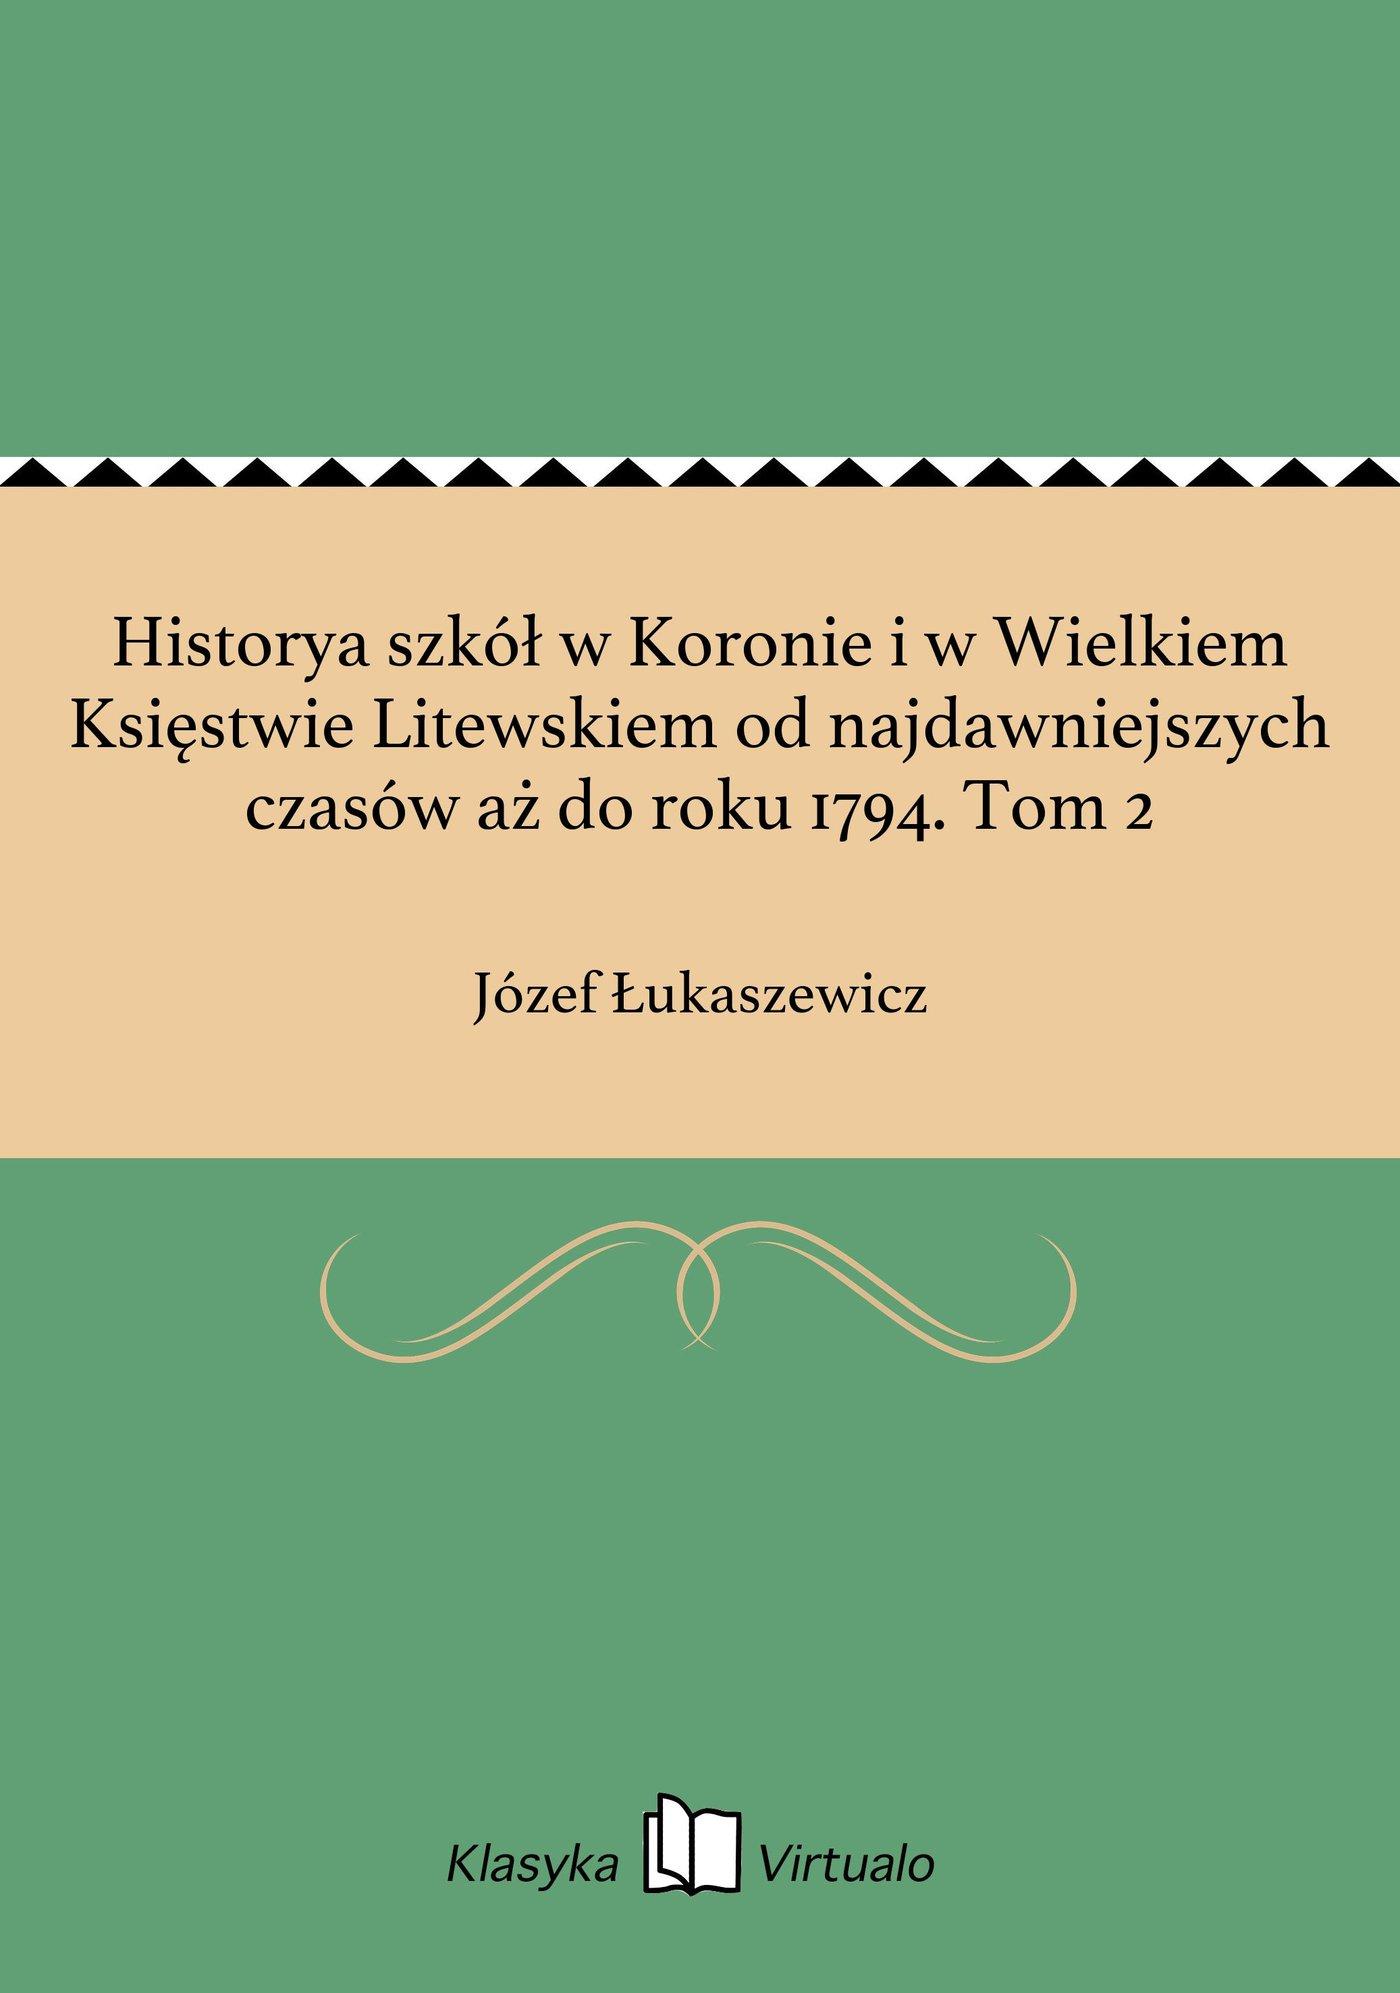 Historya szkół w Koronie i w Wielkiem Księstwie Litewskiem od najdawniejszych czasów aż do roku 1794. Tom 2 - Ebook (Książka EPUB) do pobrania w formacie EPUB